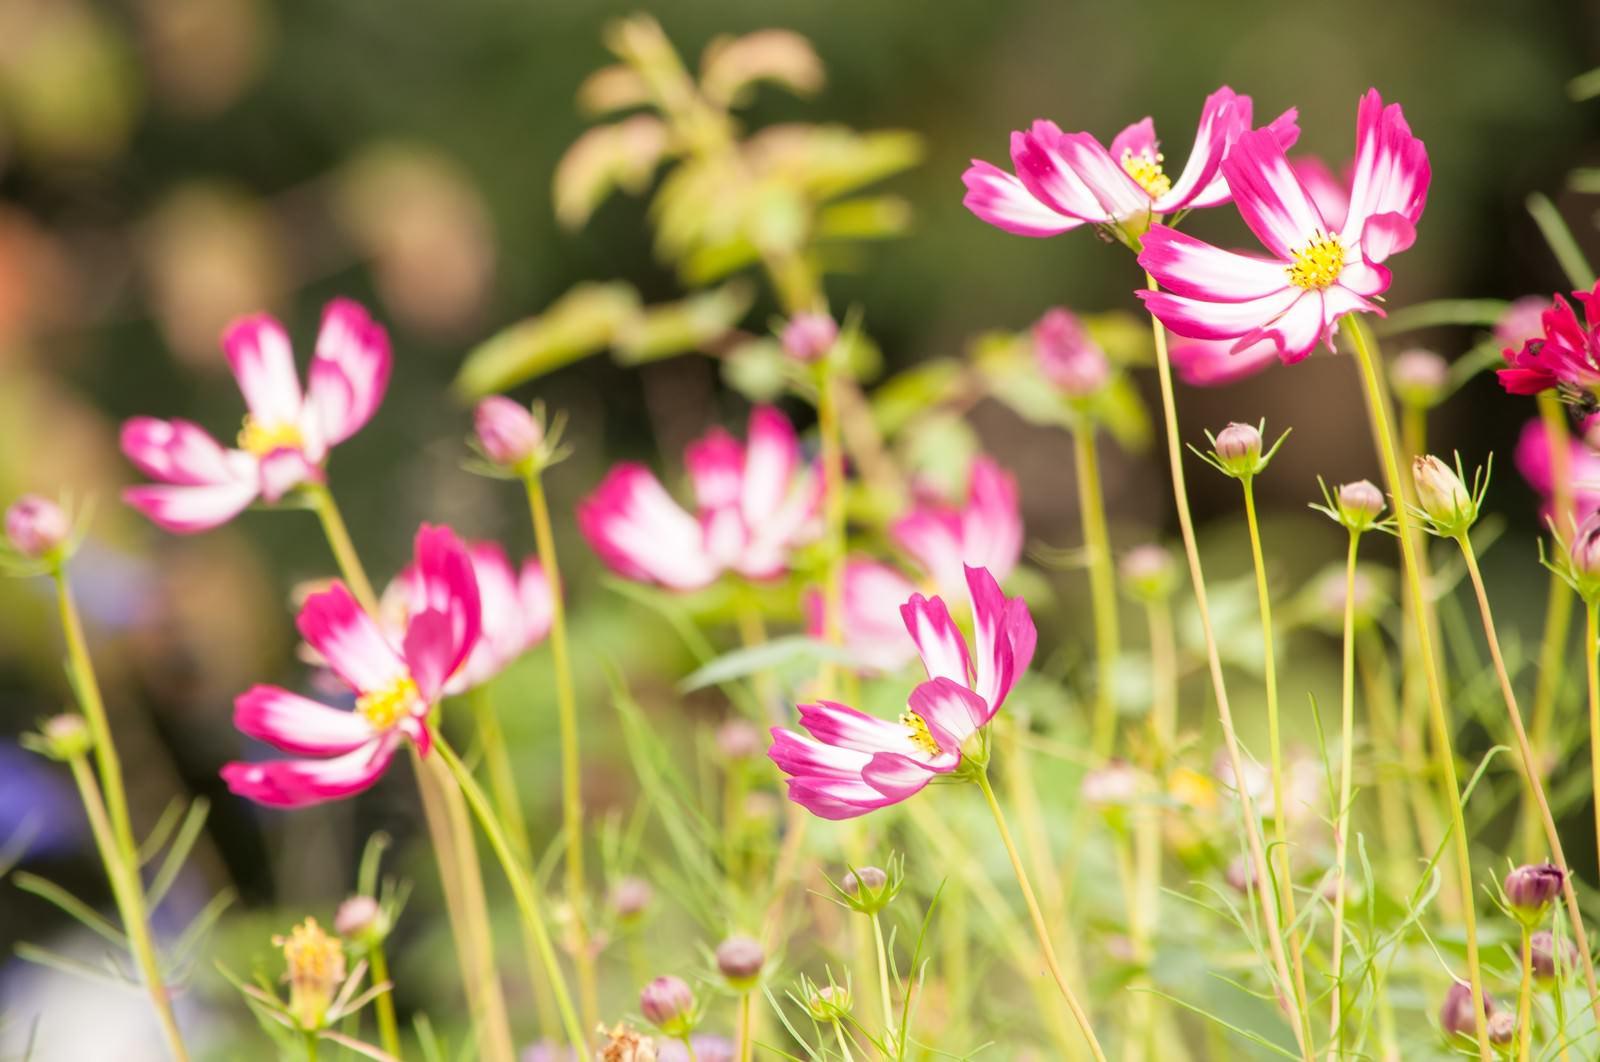 「コスモスの花」の写真